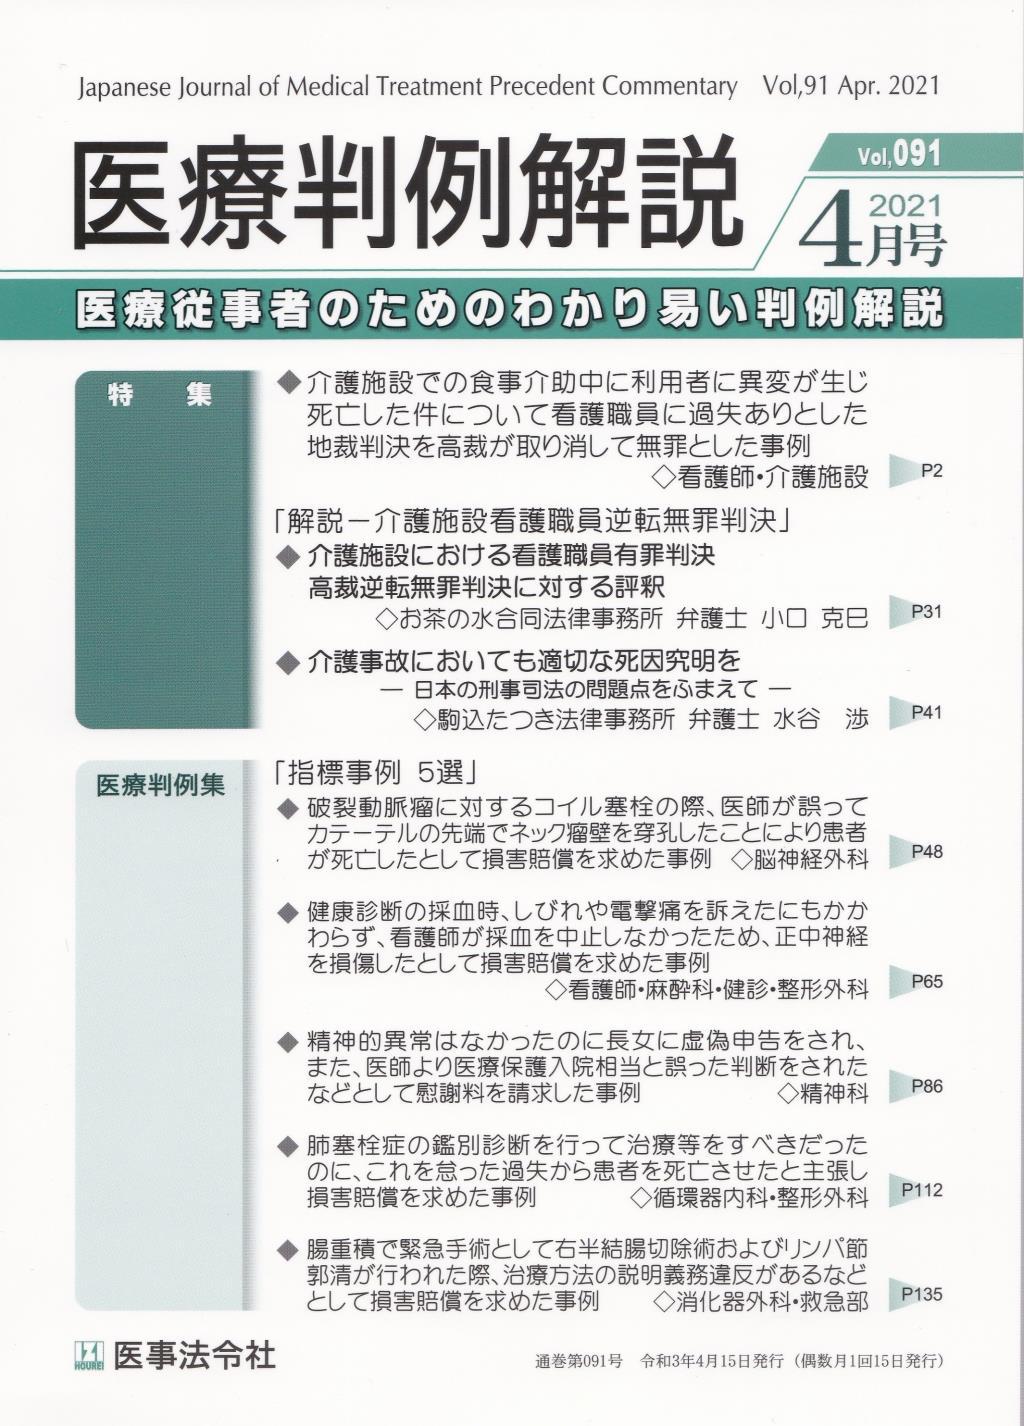 医療判例解説 Vol.91 2021/4月号 通巻091号